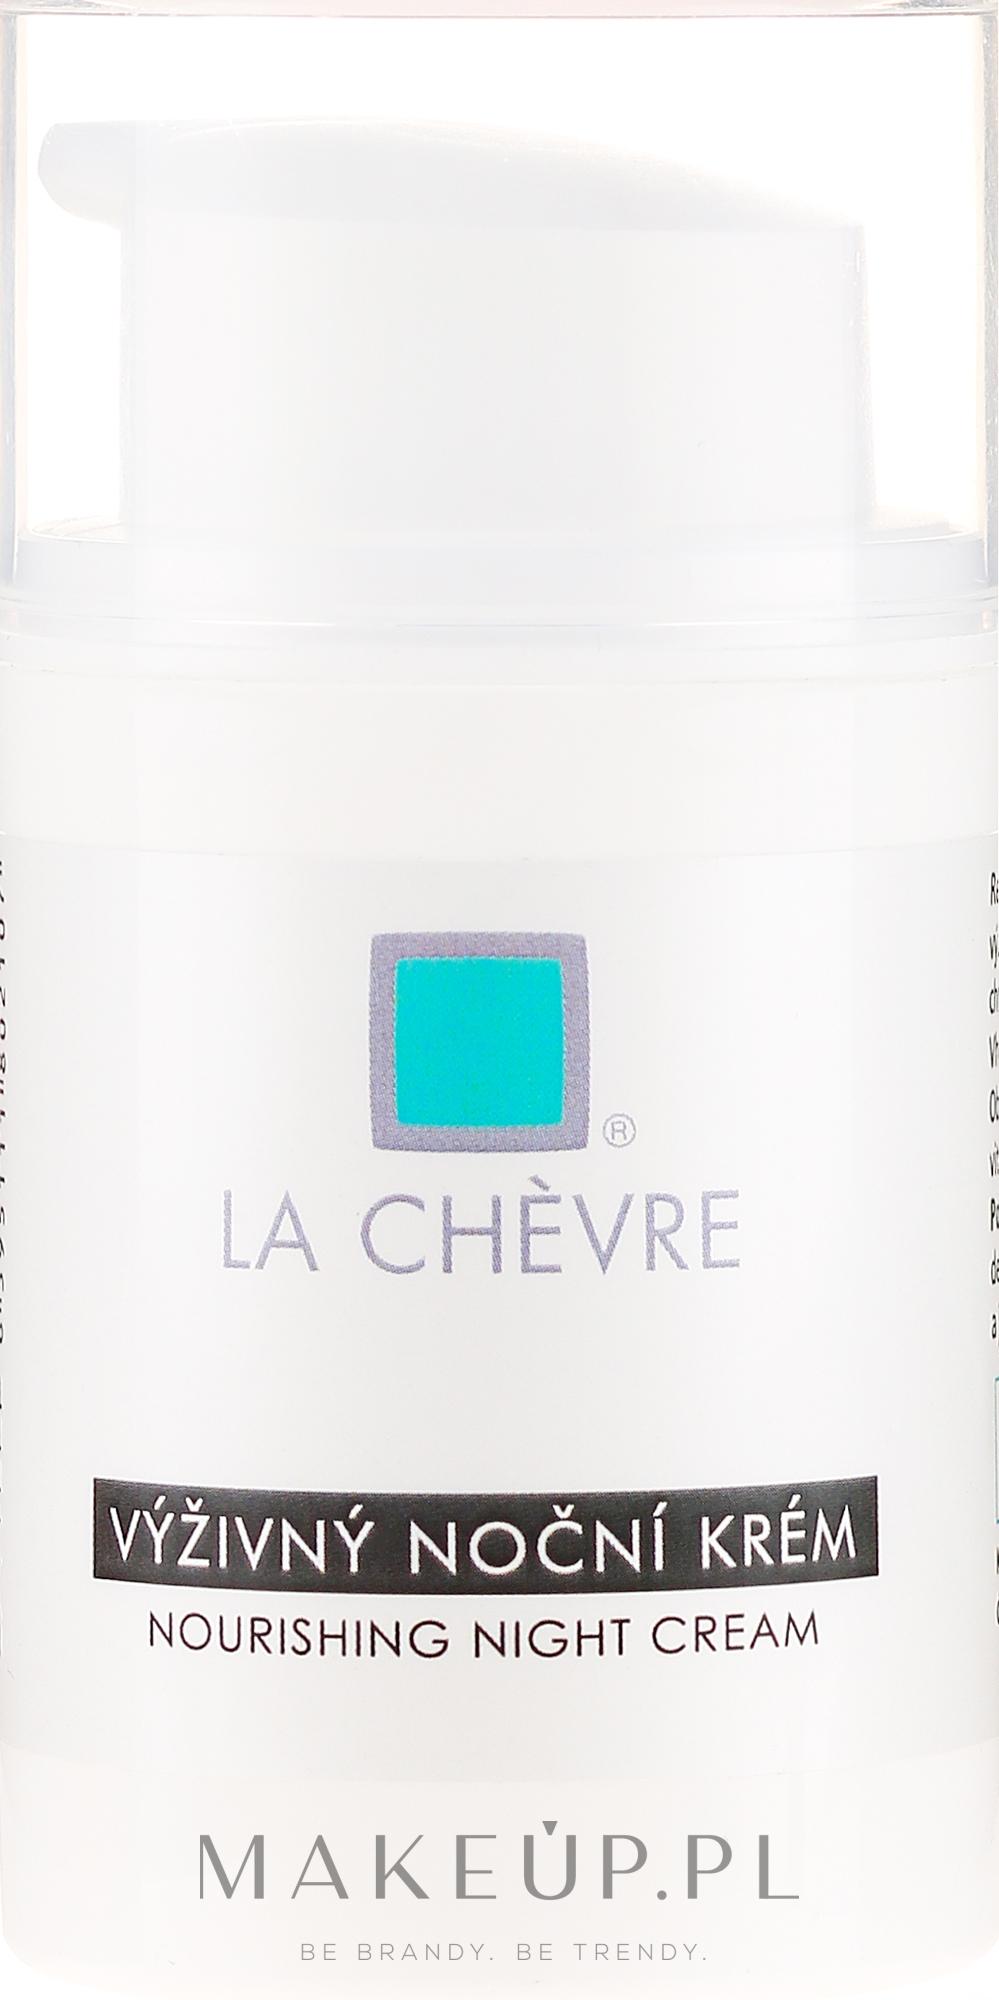 Odżywczy krem do twarzy na noc - La Chévre Épiderme Nourishing Night Cream — фото 50 g